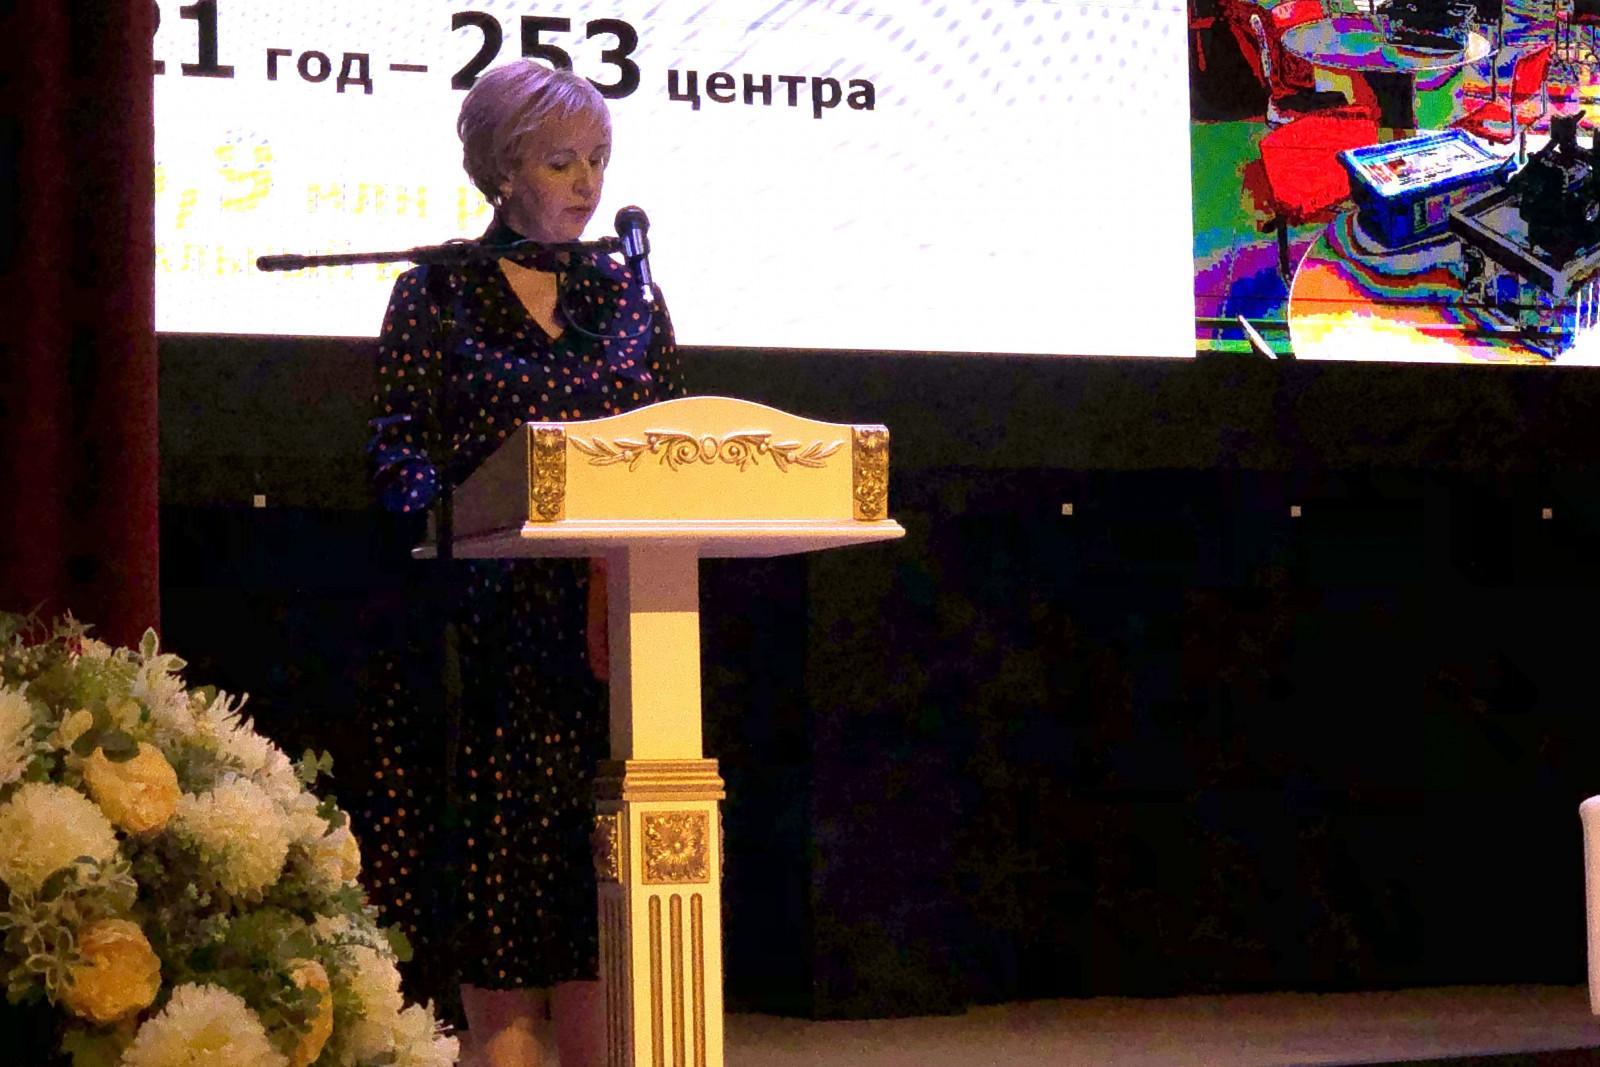 48 млрд рублей будет направлено на образование в Ростовской области в 2021 году